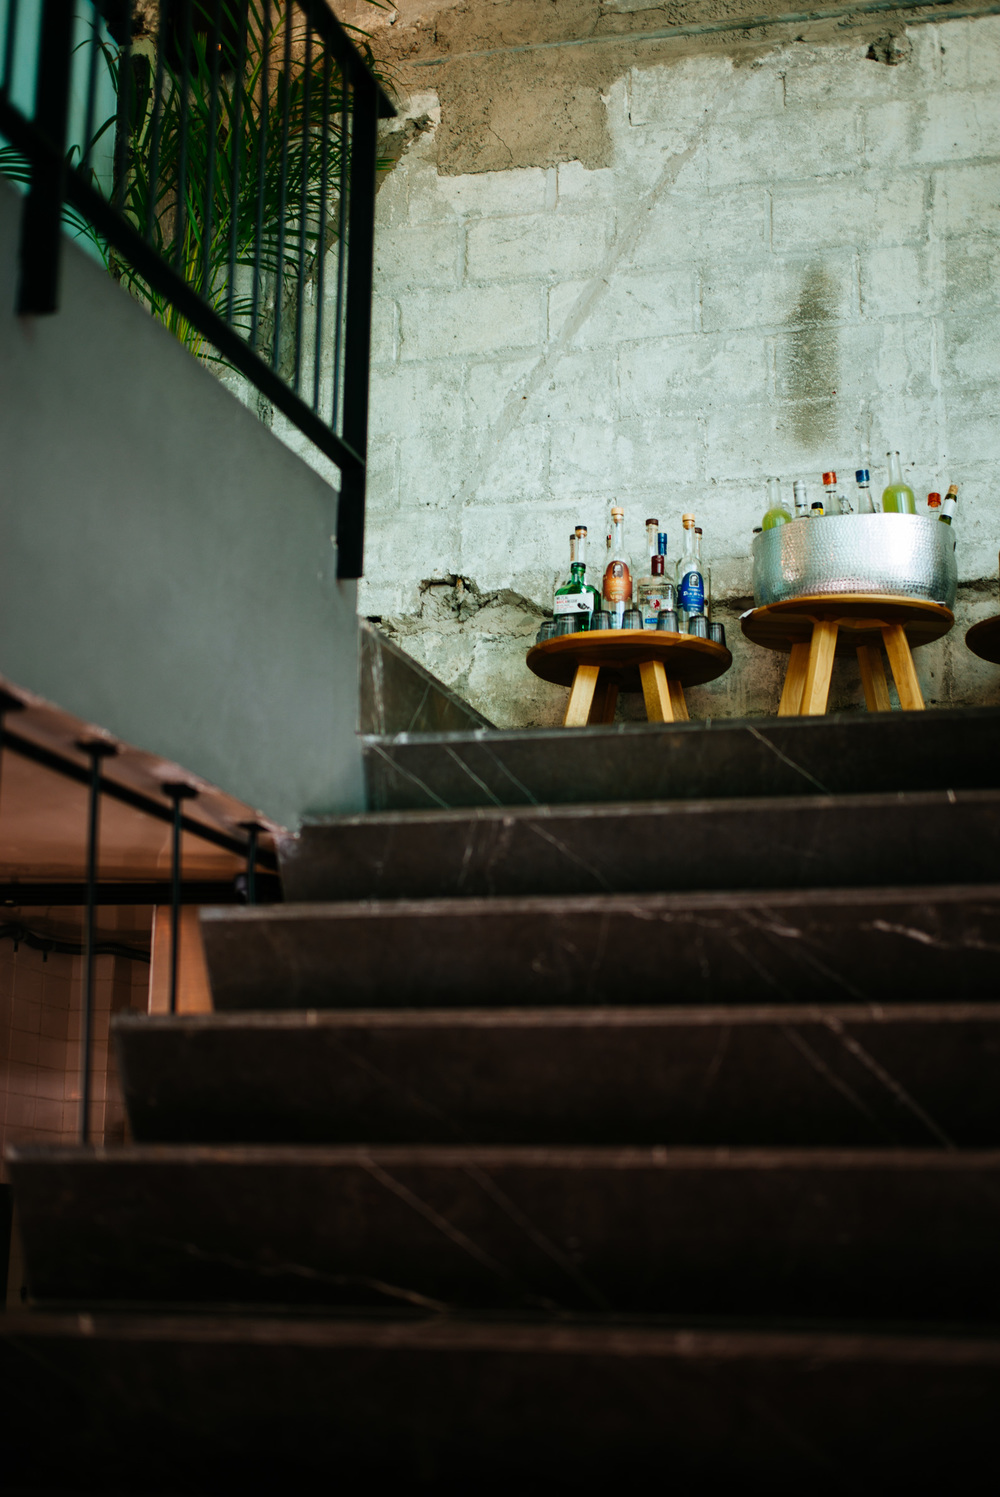 Hotel Carlota,Col. Renacimiento, Mexico City